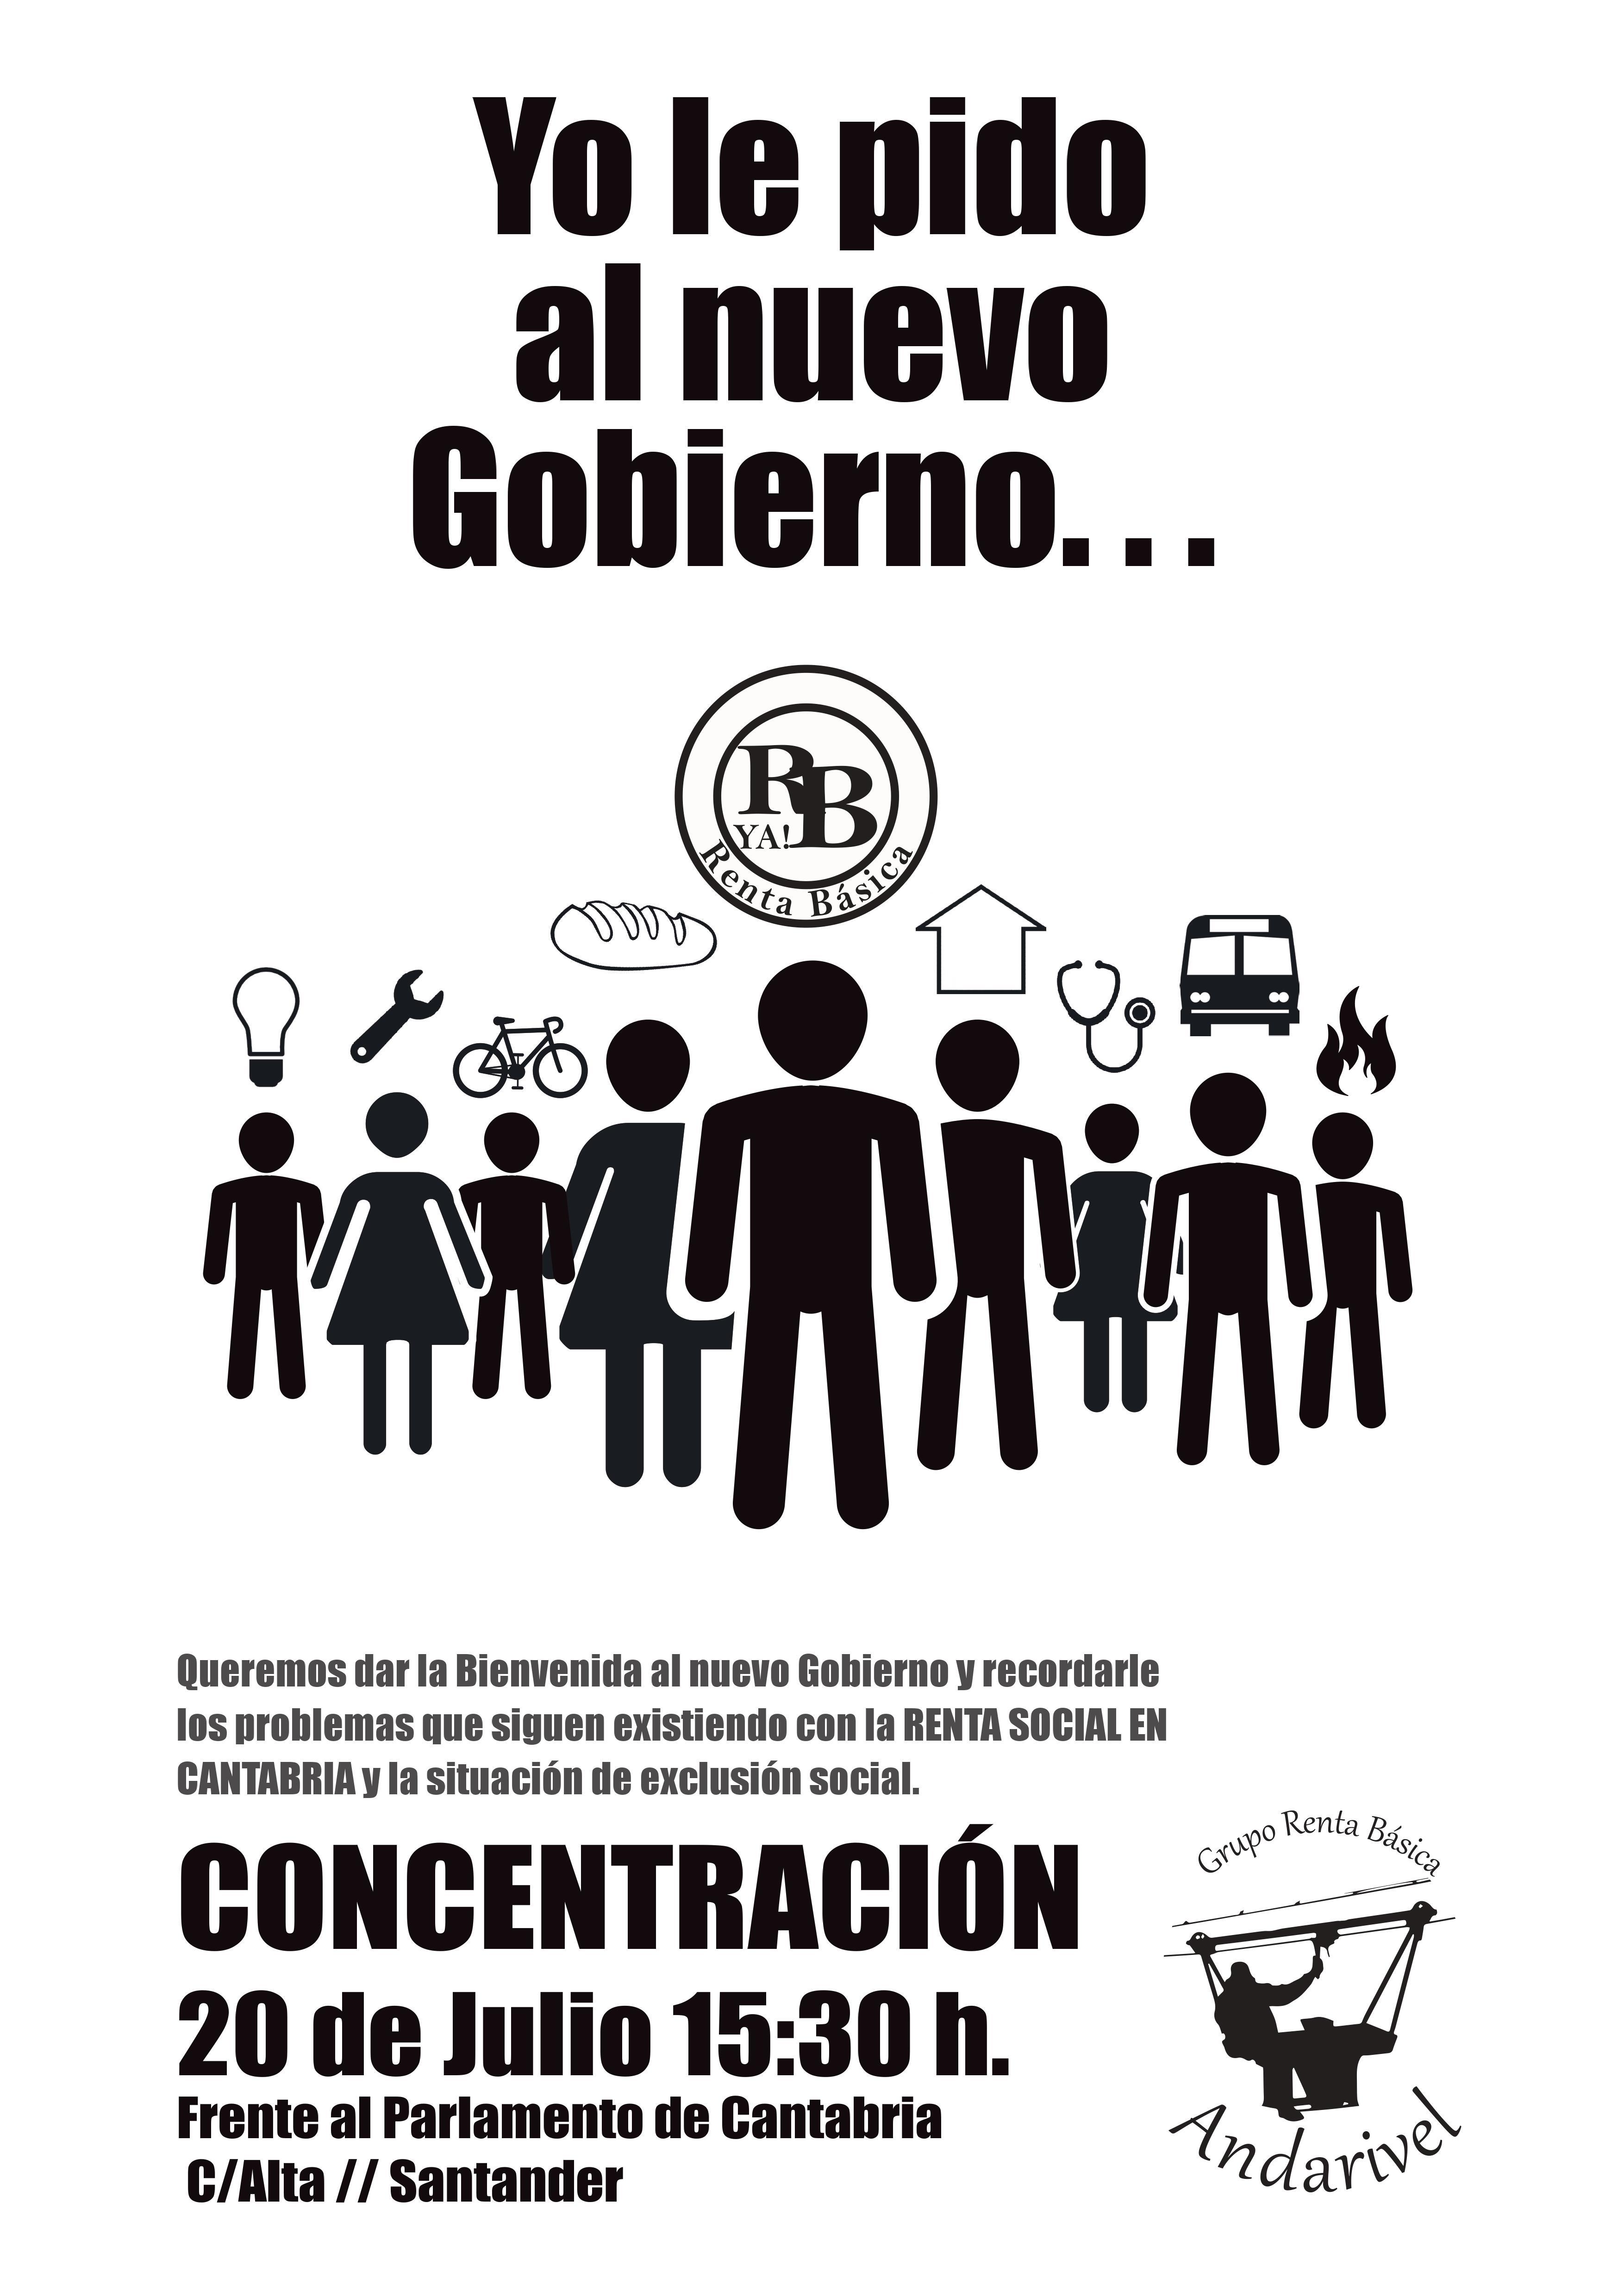 Cartel de la convocatoria del próximo lunes frente al Parlamento de Cantabria